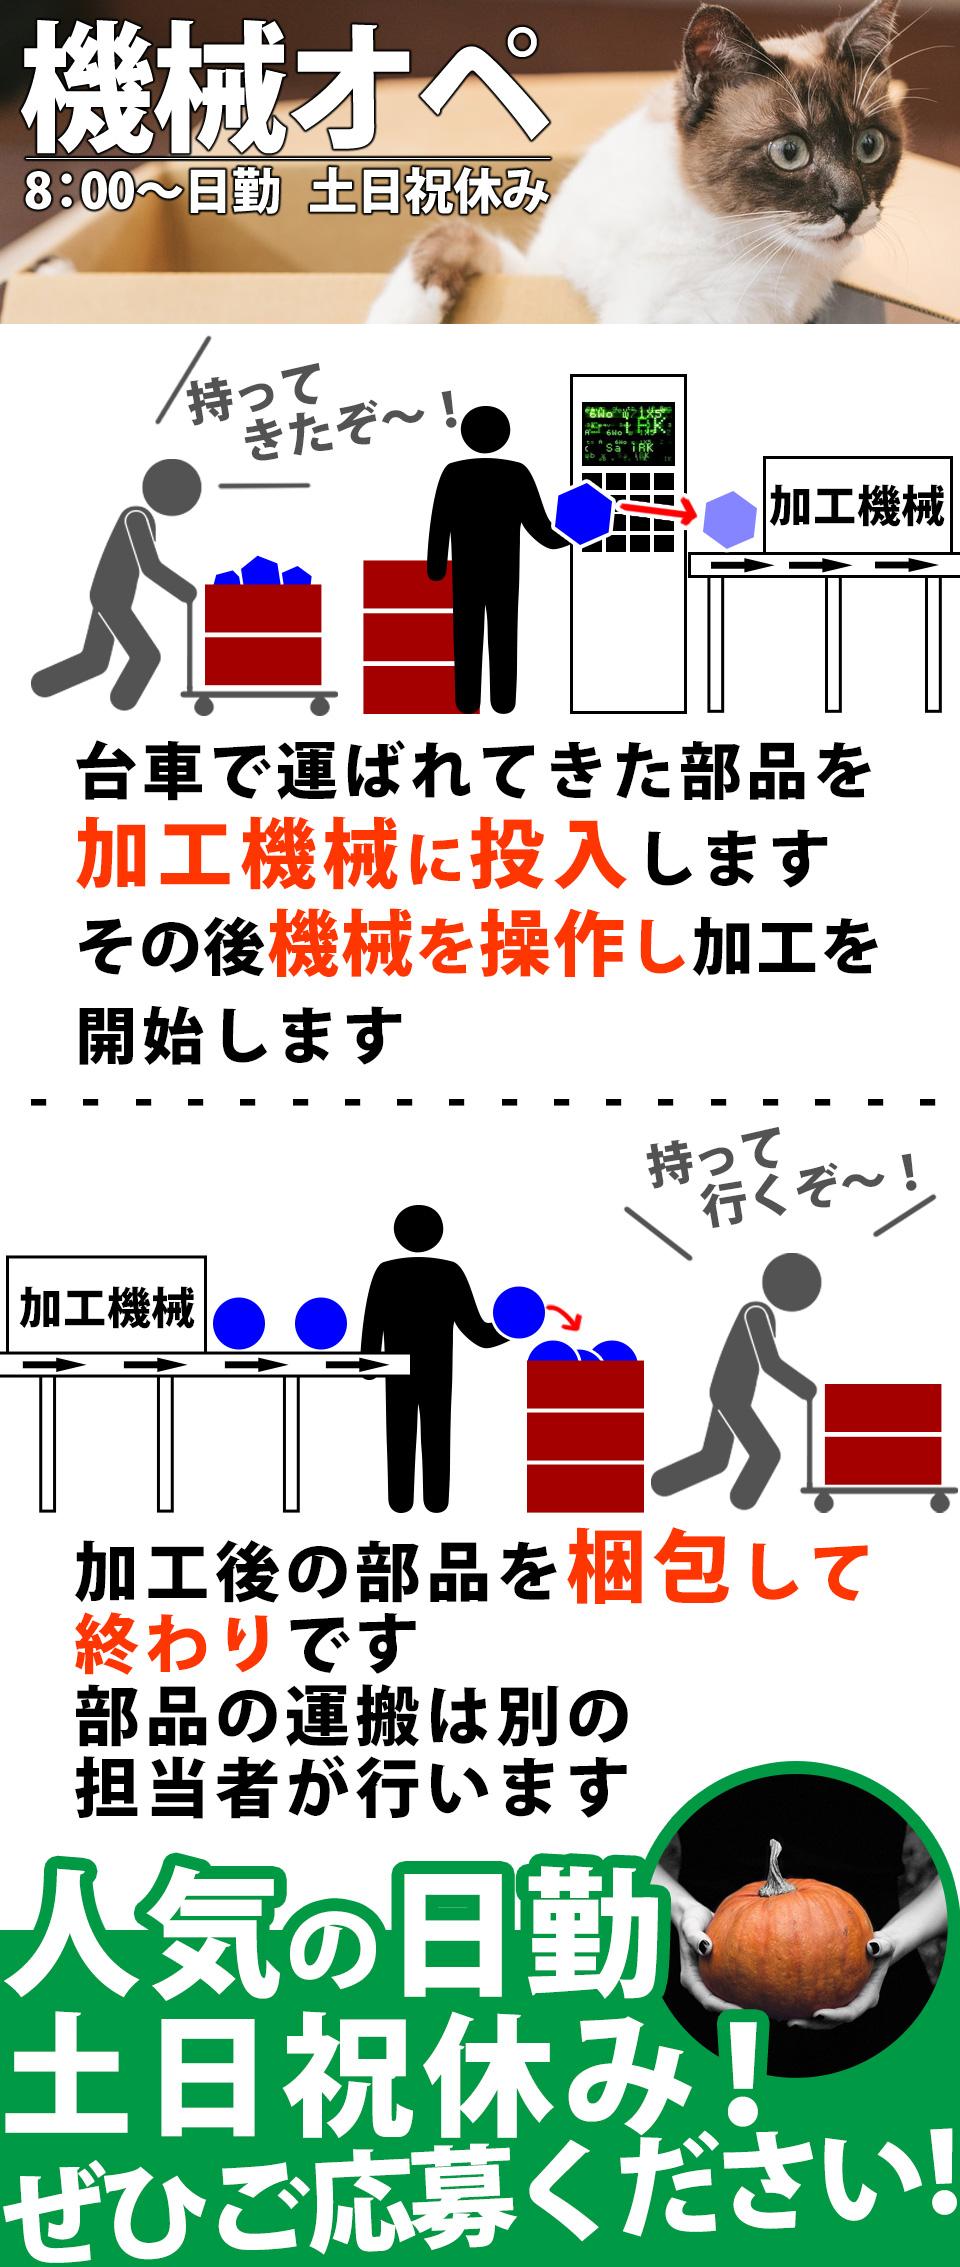 自動車部品製造の機械オペレーター 石川県小松市串町の派遣社員求人